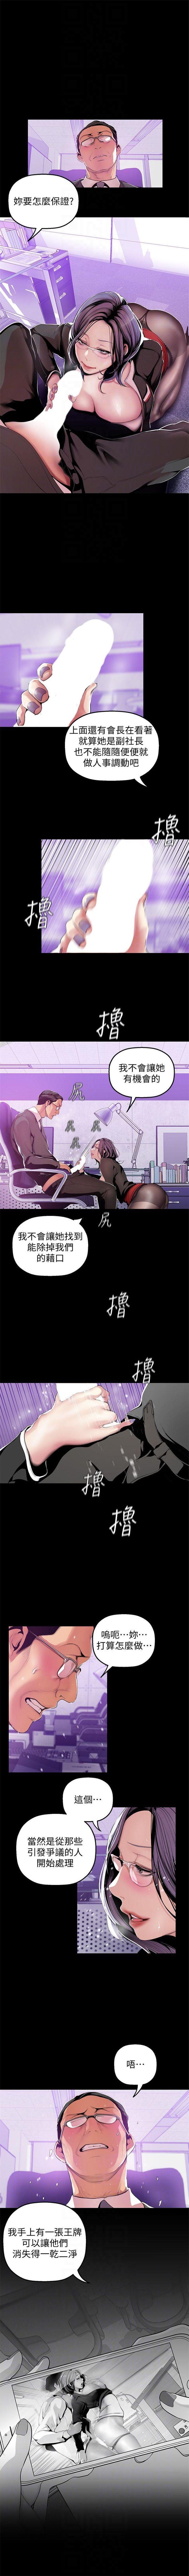 (周6)美丽新世界 1-61 中文翻译 (更新中) 341